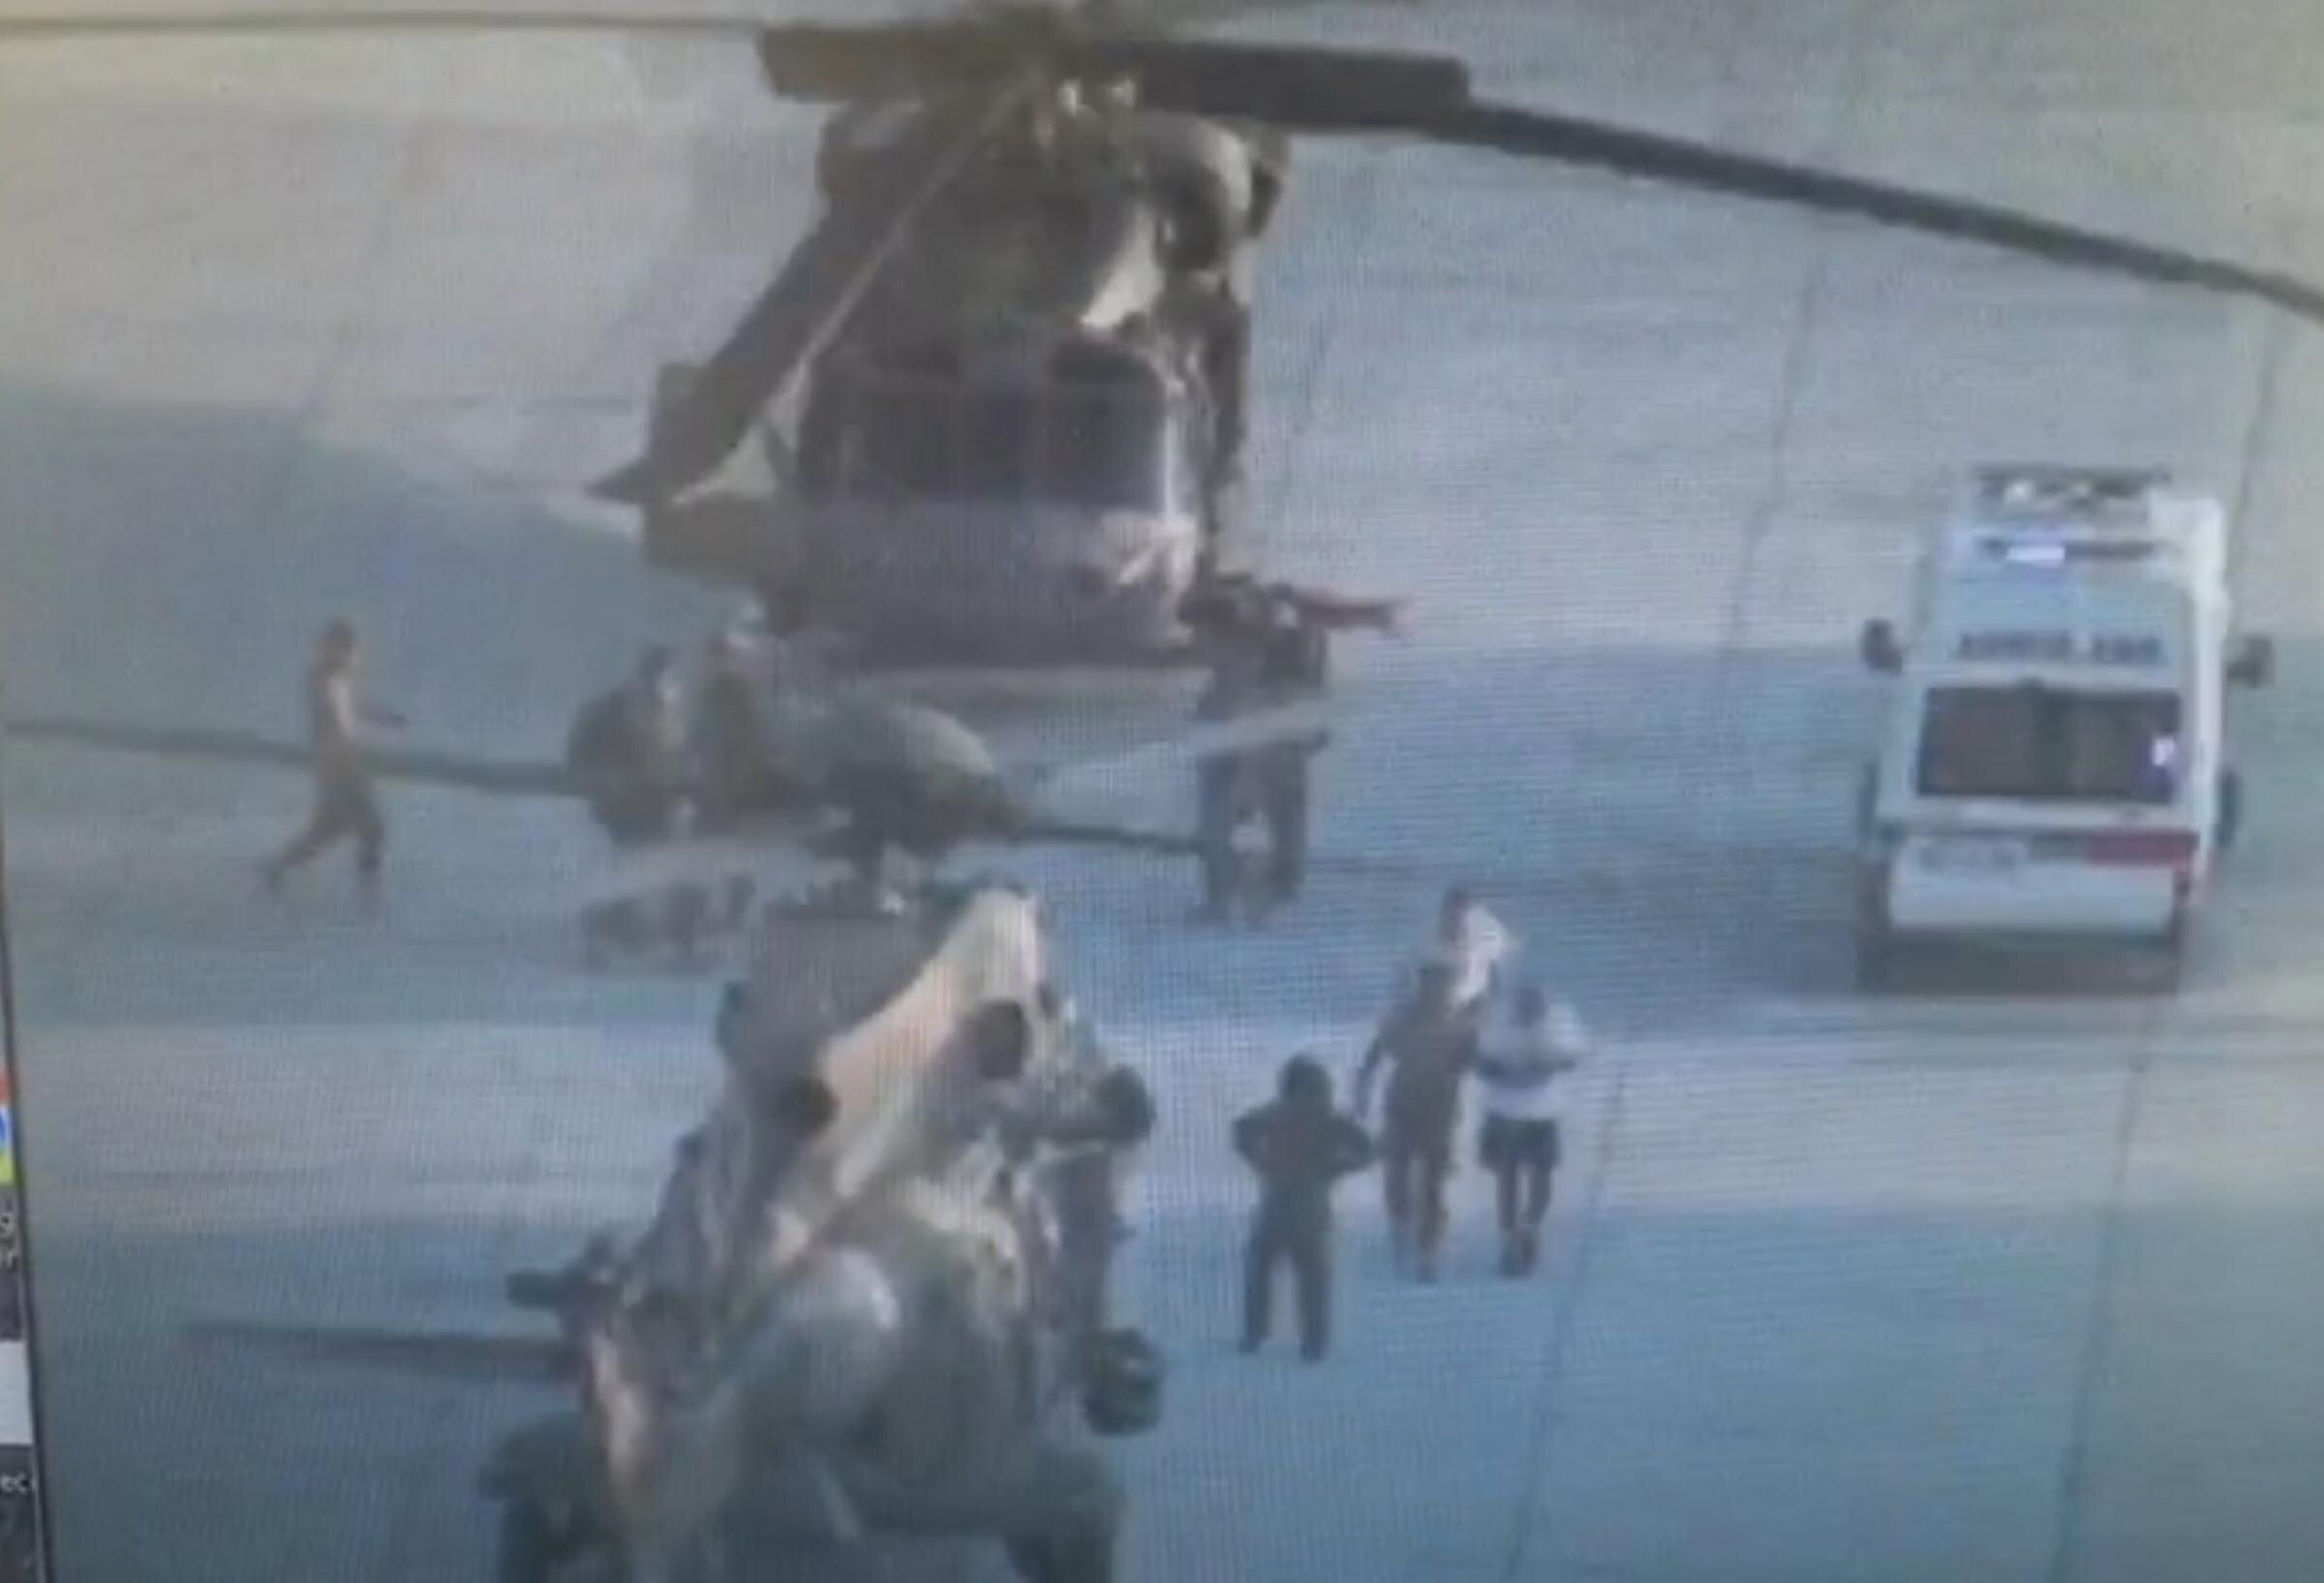 Cumhurbaşkanı Erdoğan'ın Marmaris'te kaldığı otele baskın yapacak MAK ve SAD ekipleri Çiğli Ana Jet Üs Komutanlığı'nda hazırlanmaya başladı.